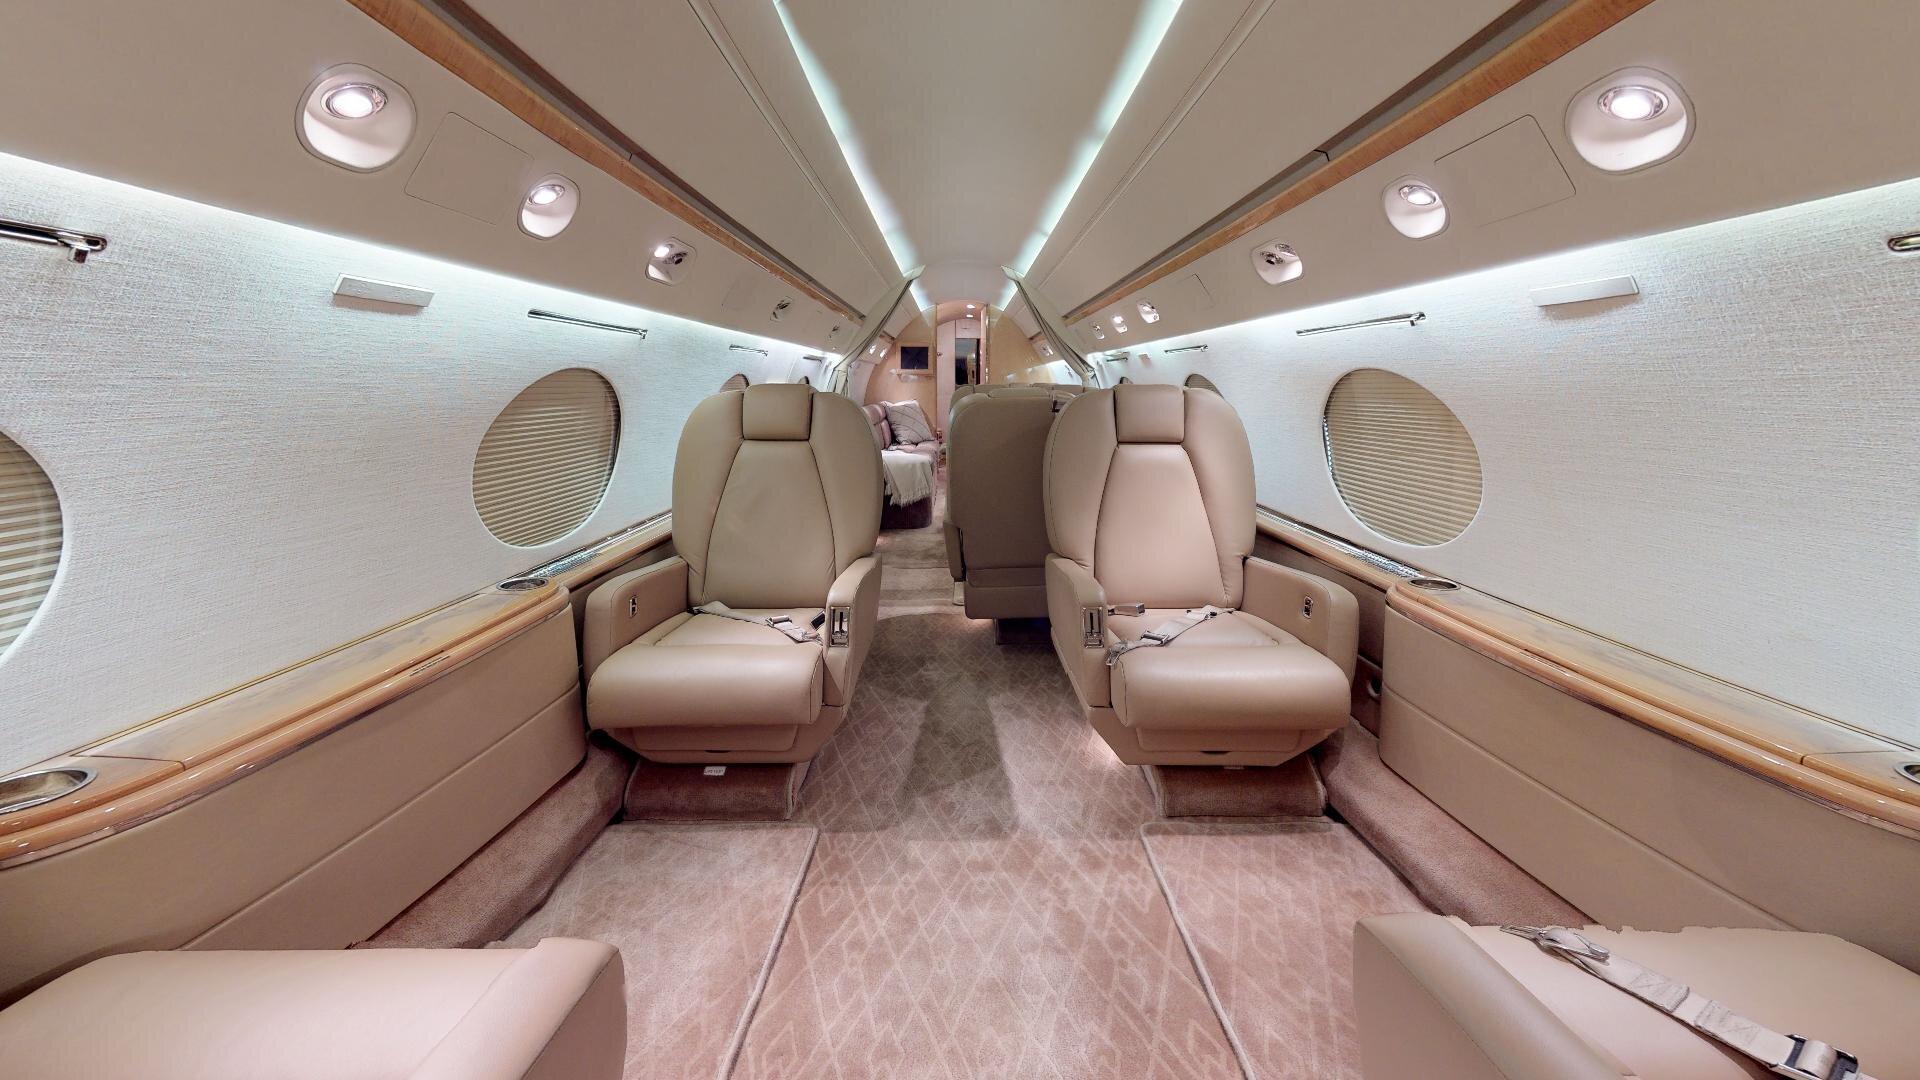 Gulfstream-V-SN-518-Photo-1.jpg